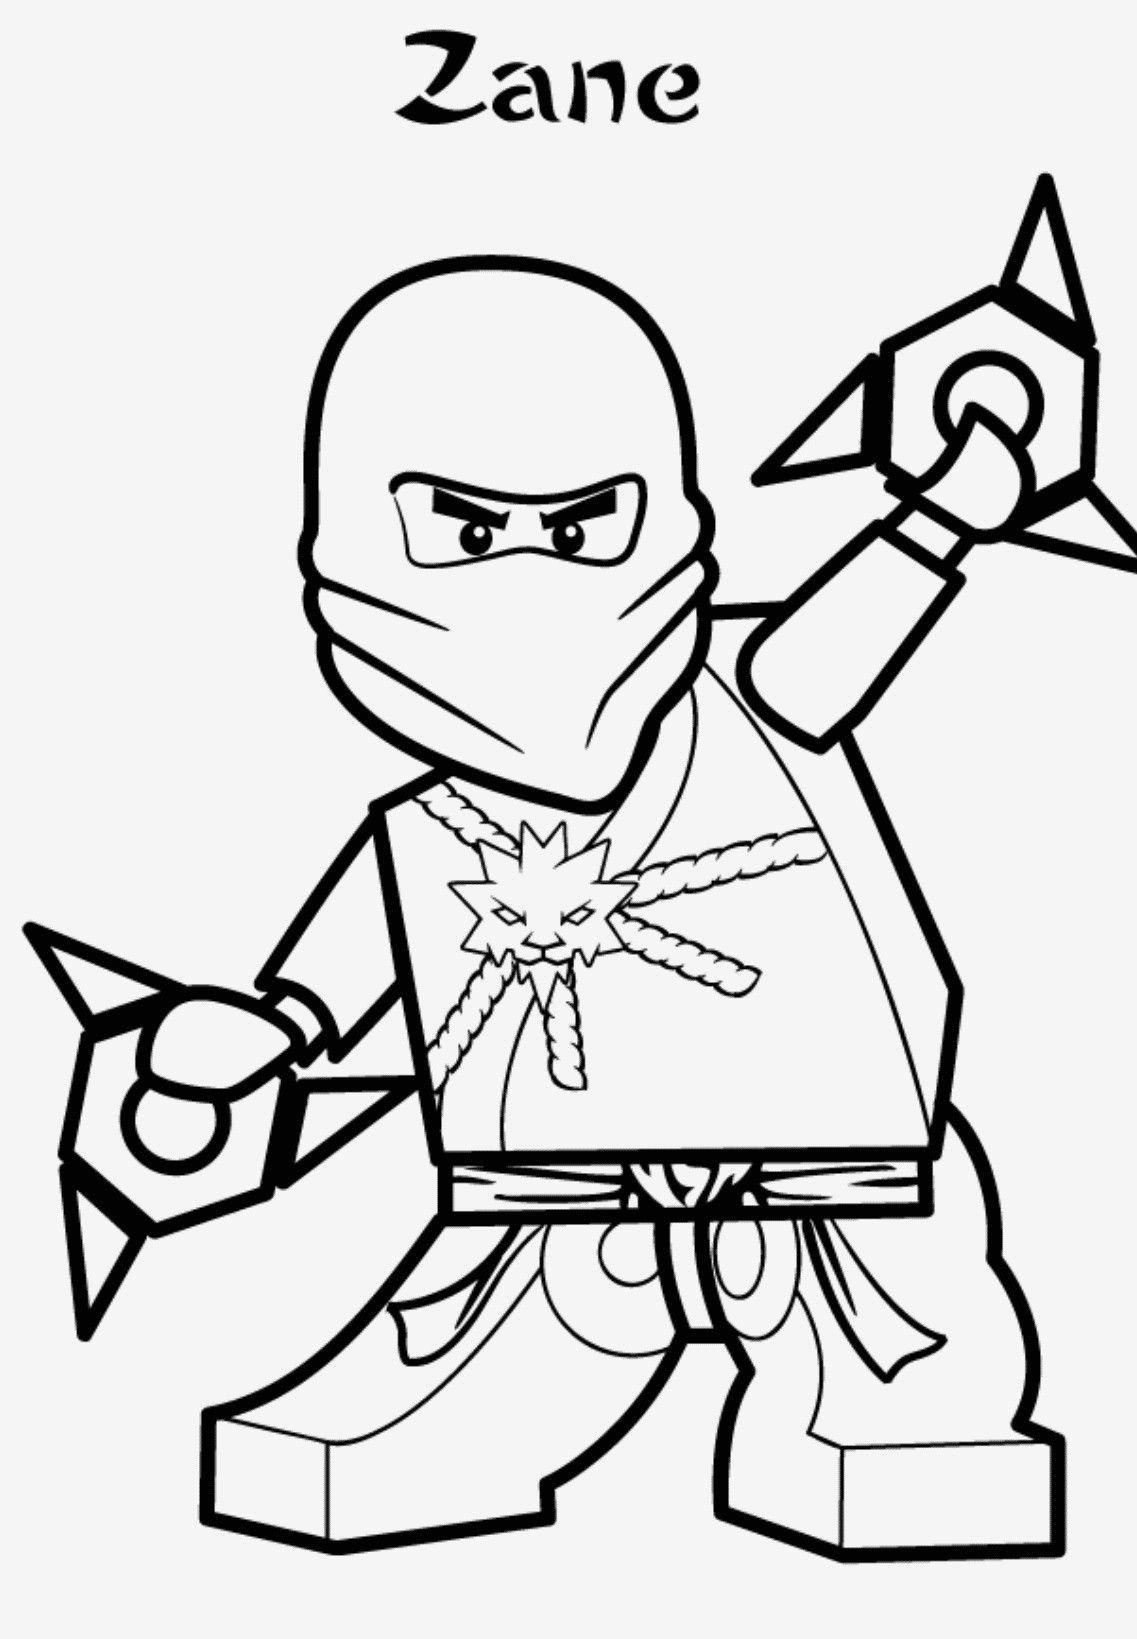 99 Das Beste Von Ninjago Bilder Zum Ausdrucken Kostenlos Stock Ninjago Ausmalbilder Ninjago Malvorlage Ausmalbilder Kinder